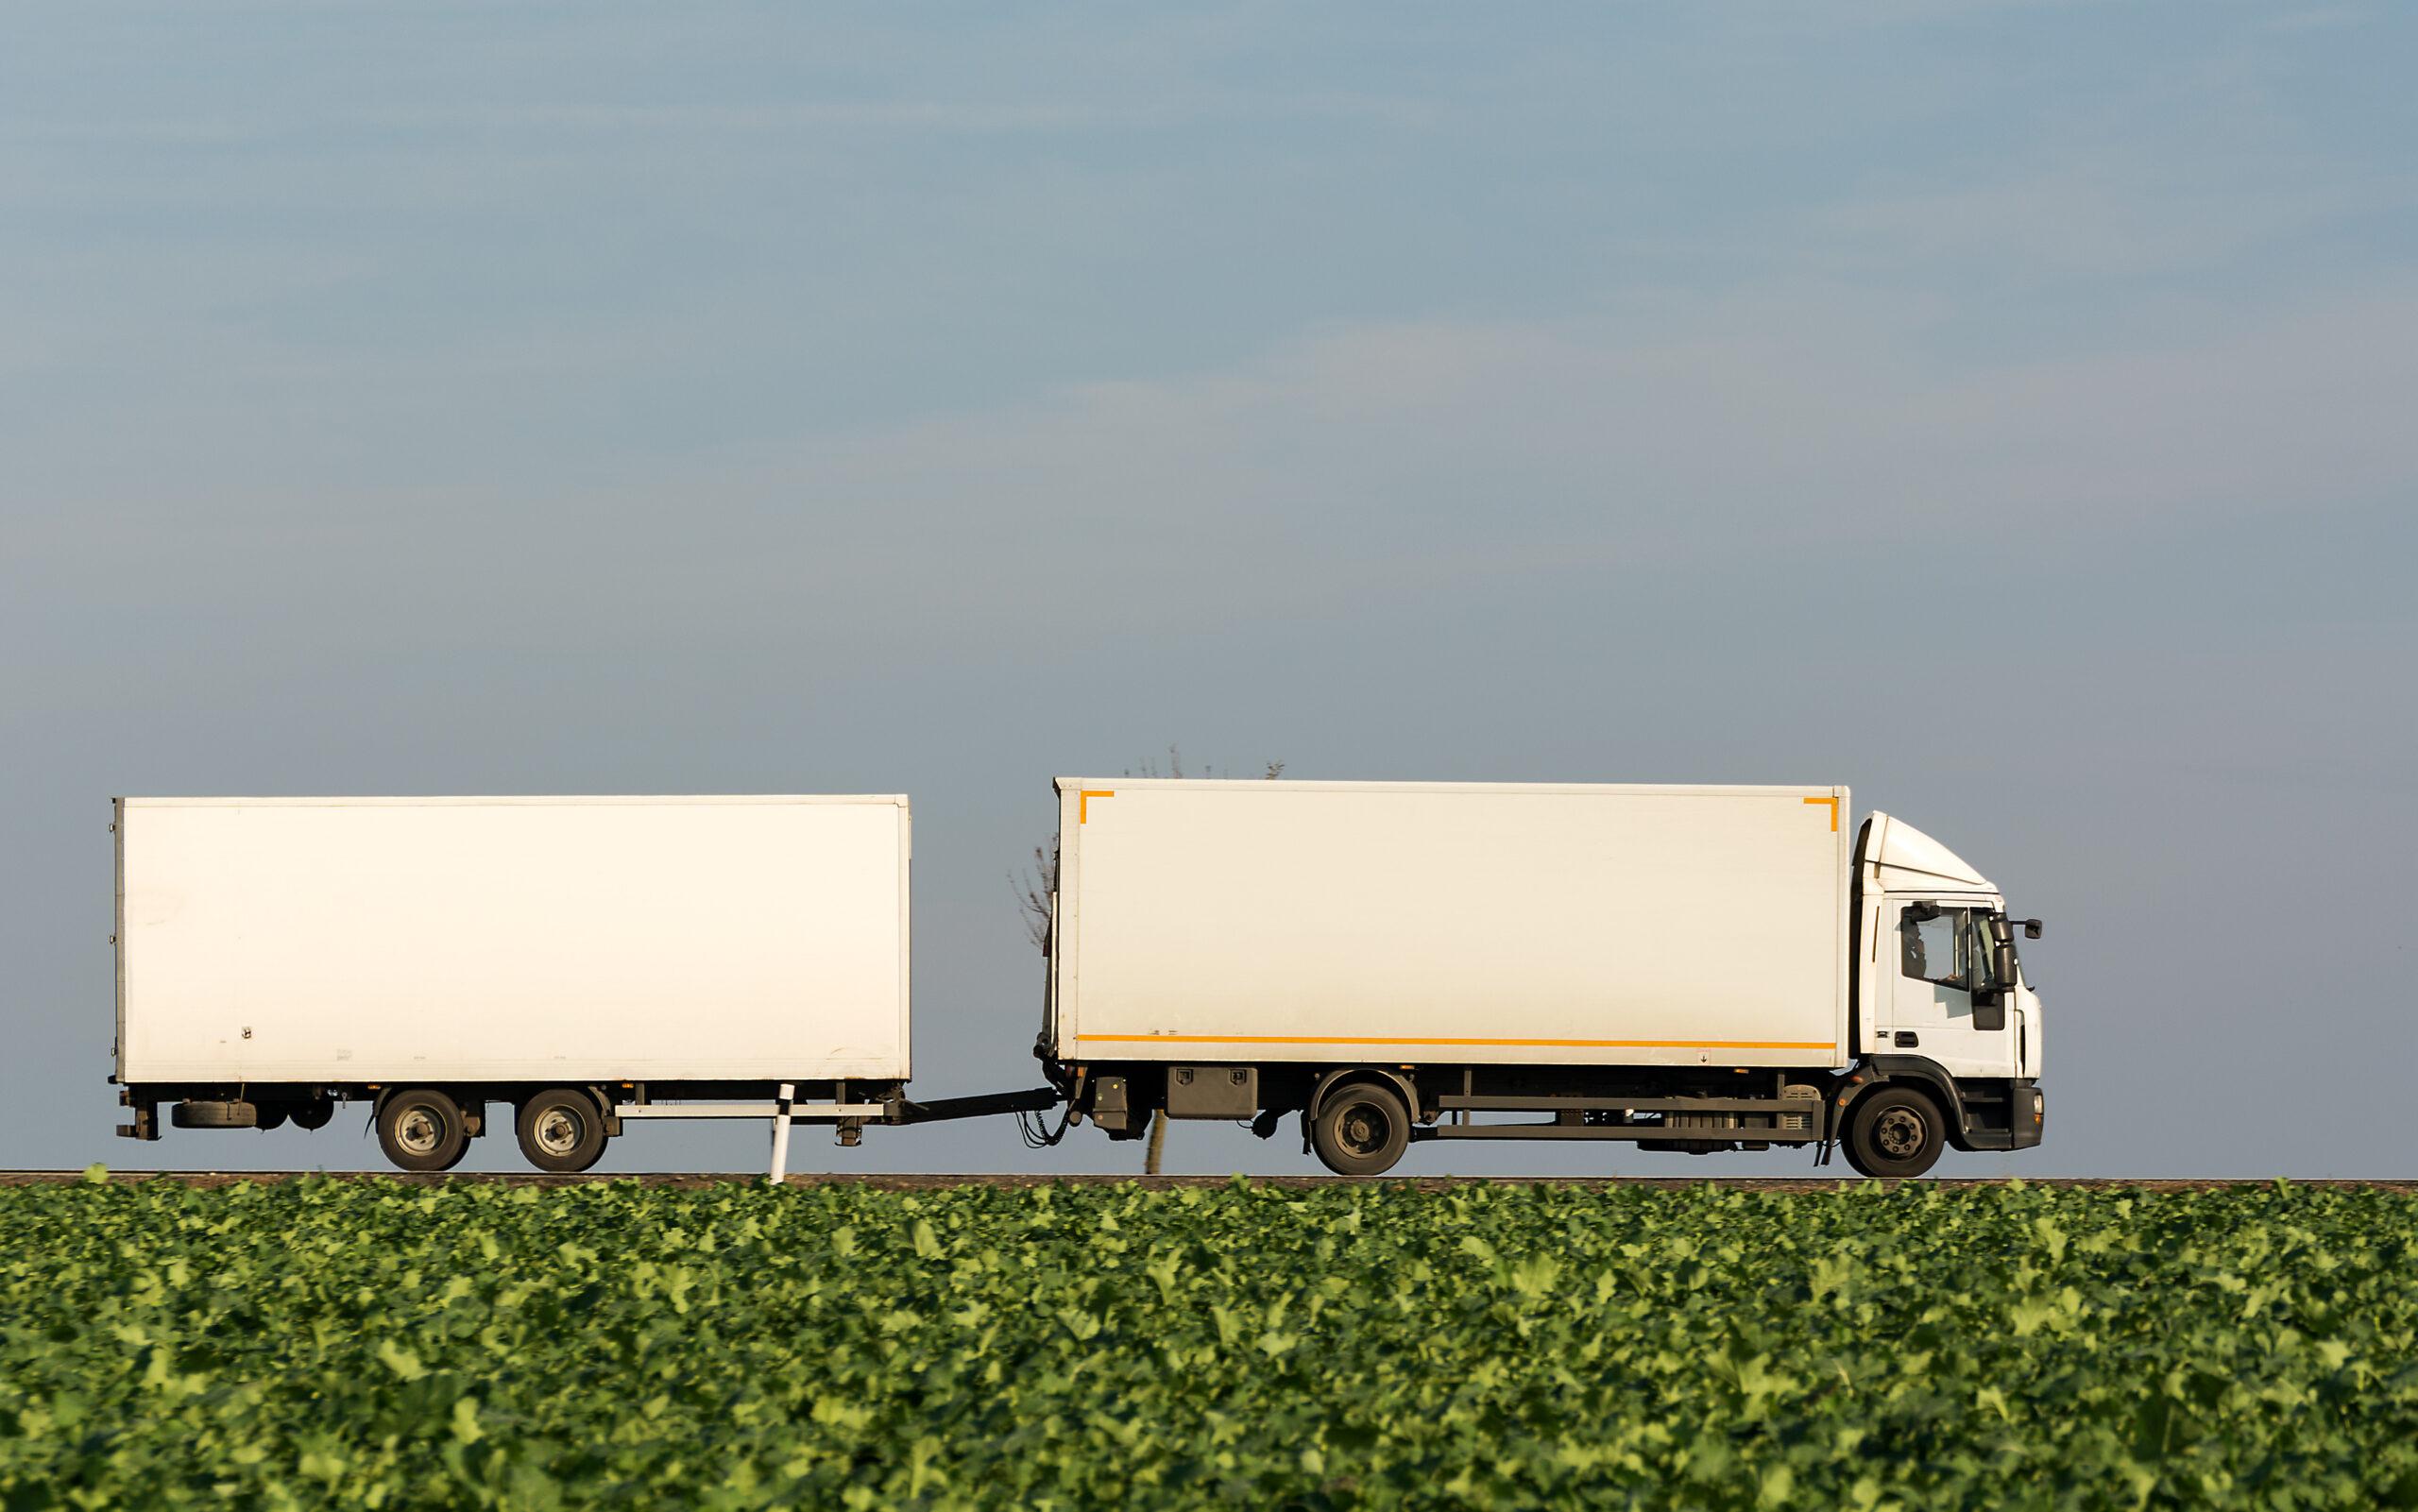 Camió de transport de mercaderies | LibreShot